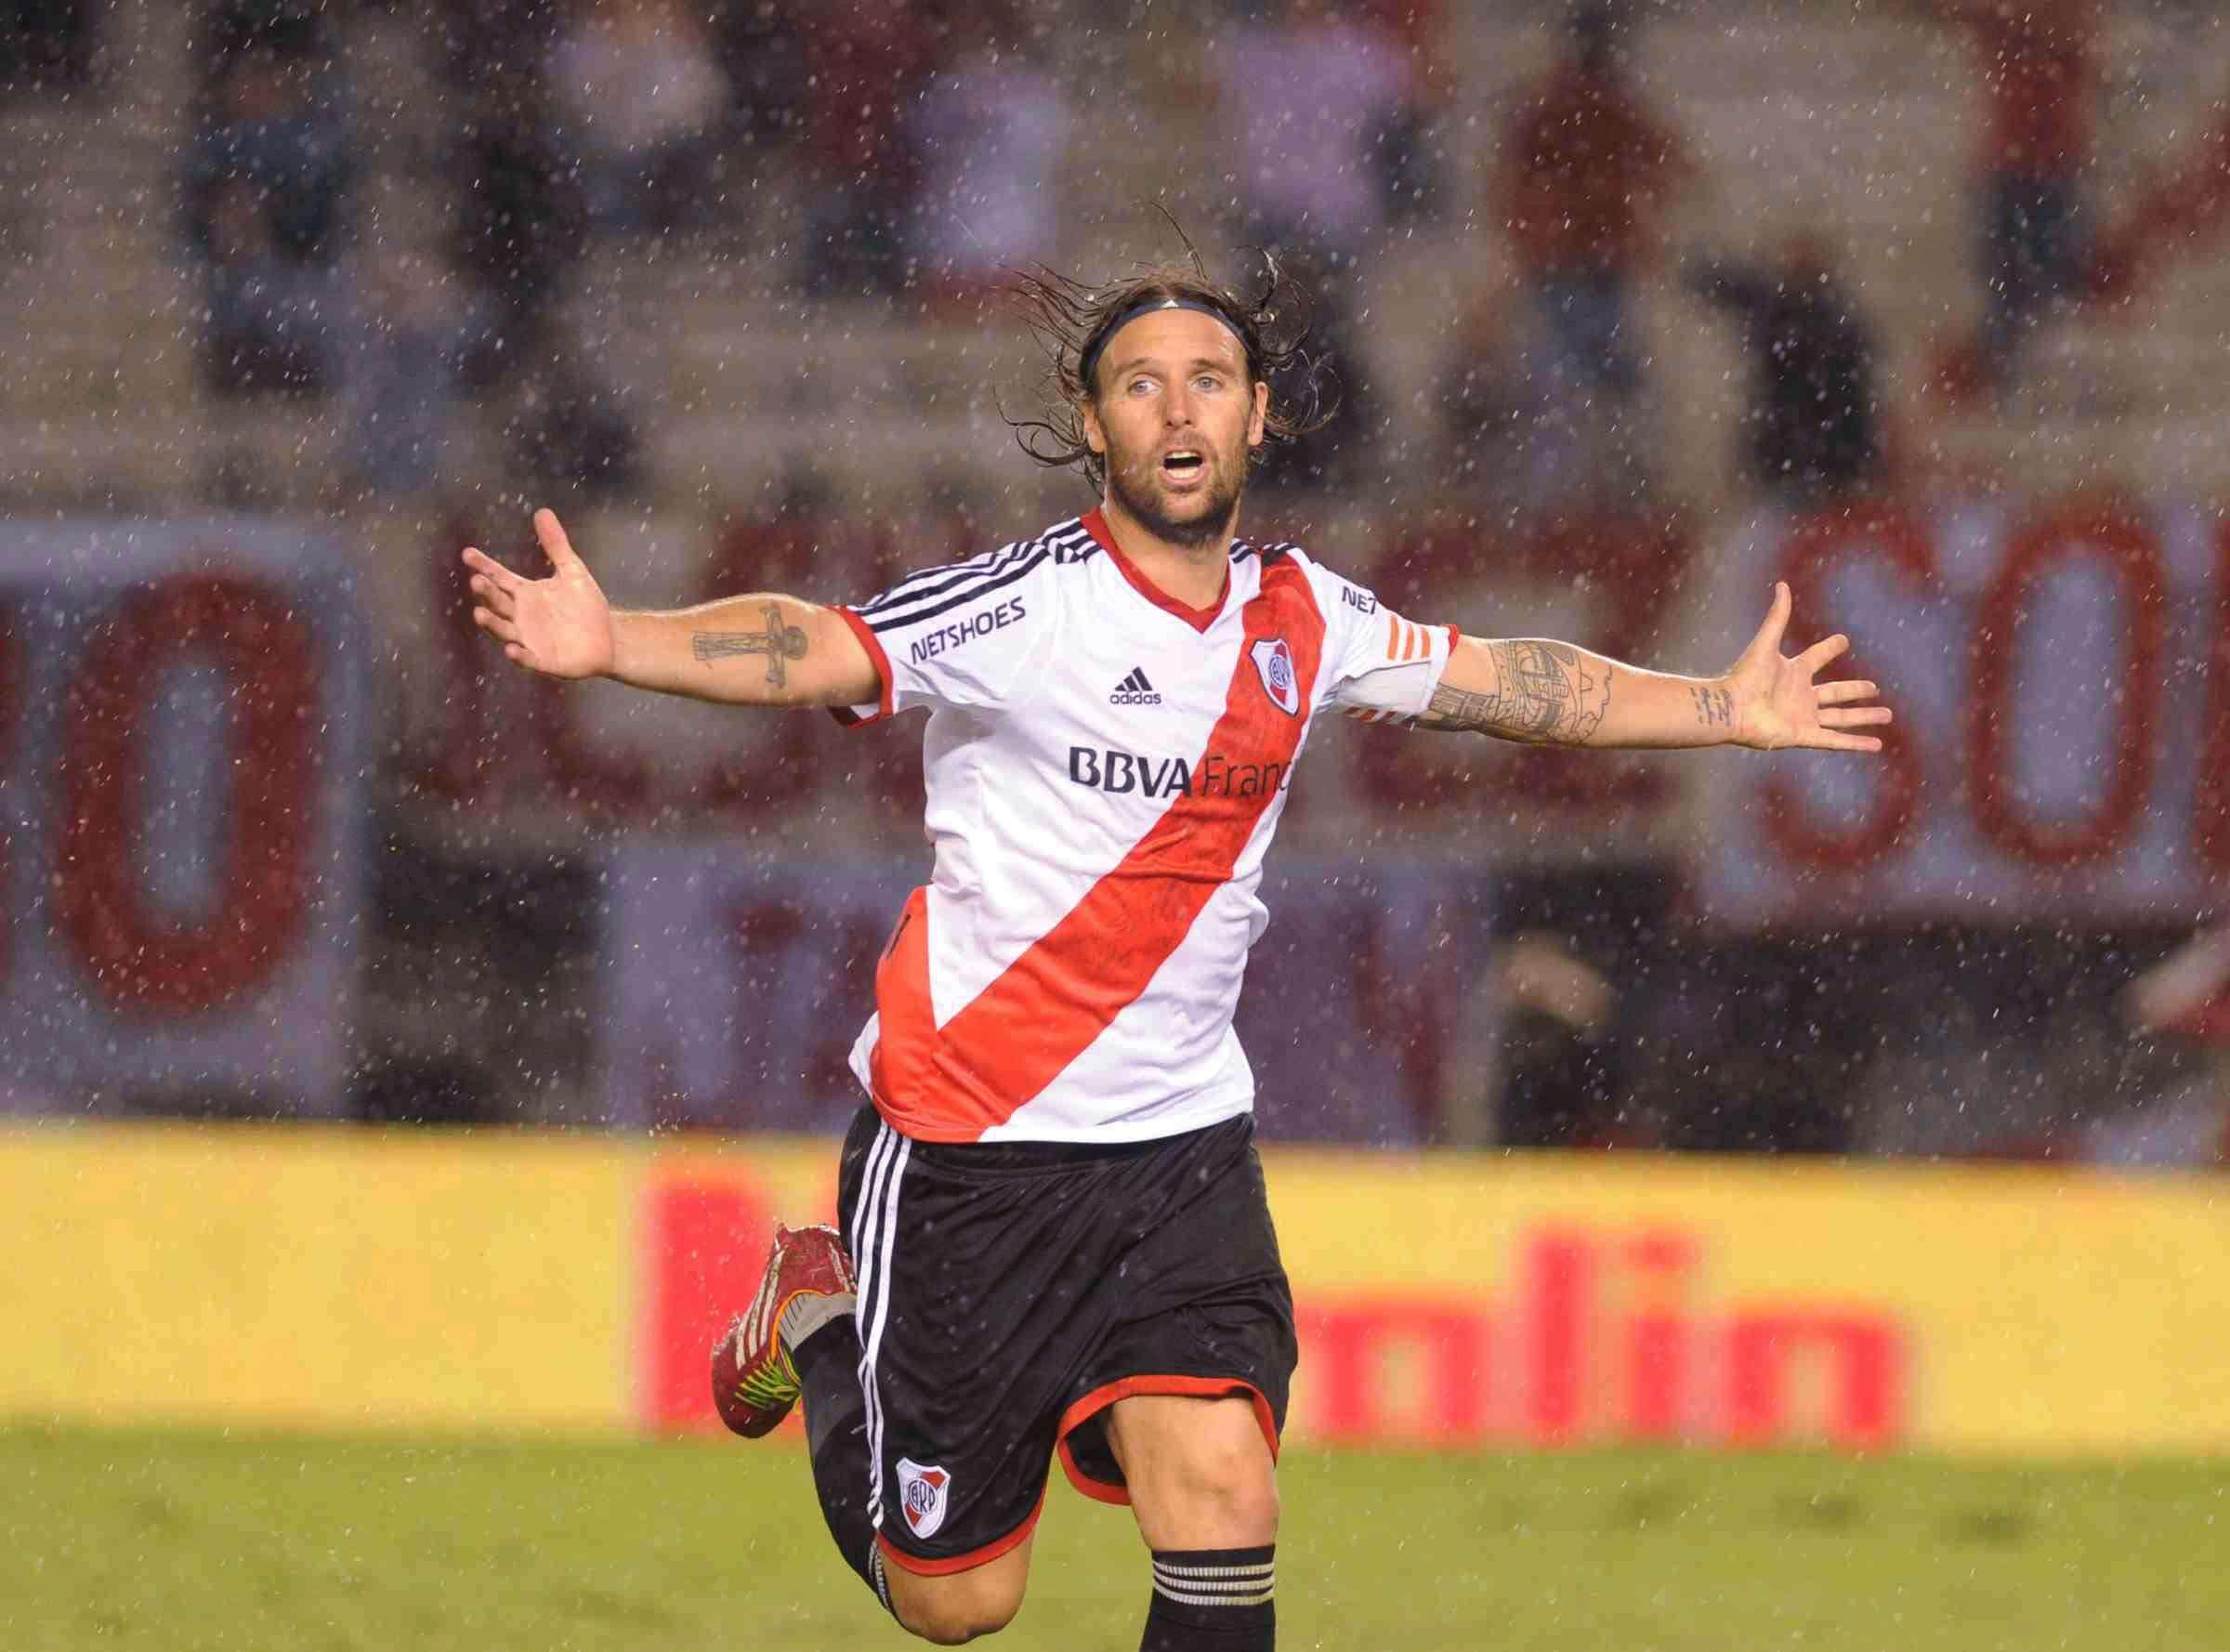 River Plate le ganó a Arsenal de Sarandí por 1-0 en el Monumental. El gol del Millonario lo marcó Fernando Cavenaghi en un penal mal sancionado por el árbitro Pablo Lunati. Foto: Télam